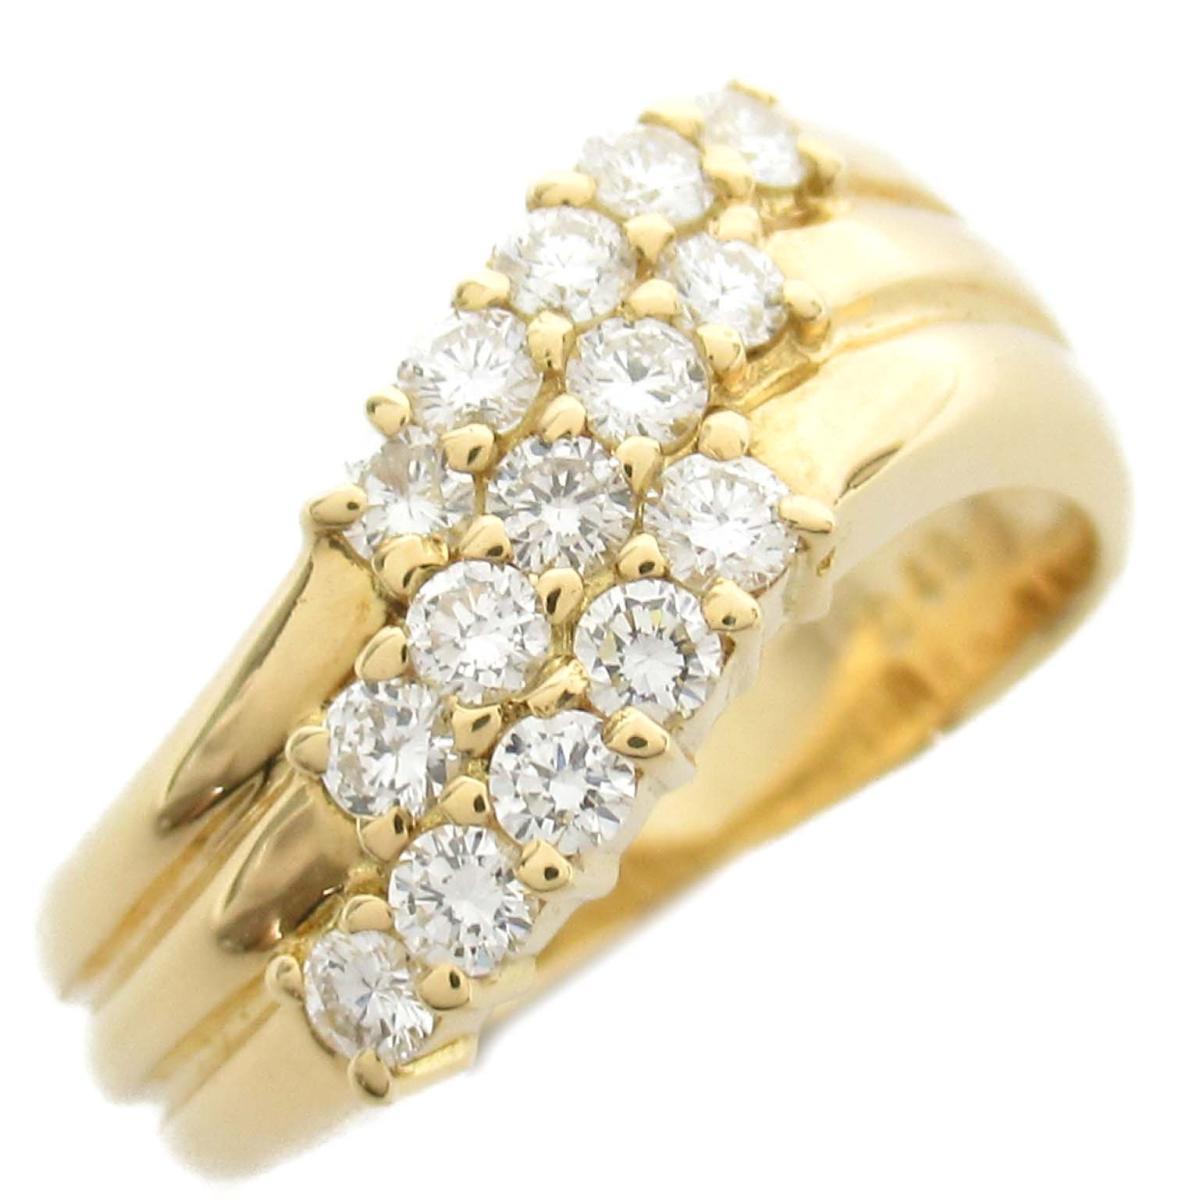 ジュエリー ダイヤモンド リング 指輪 ノーブランドジュエリー レディース 18Kイエローゴールド x ダイヤモンド0.48ct 【中古】 | JEWELRY BRANDOFF ブランドオフ アクセサリー